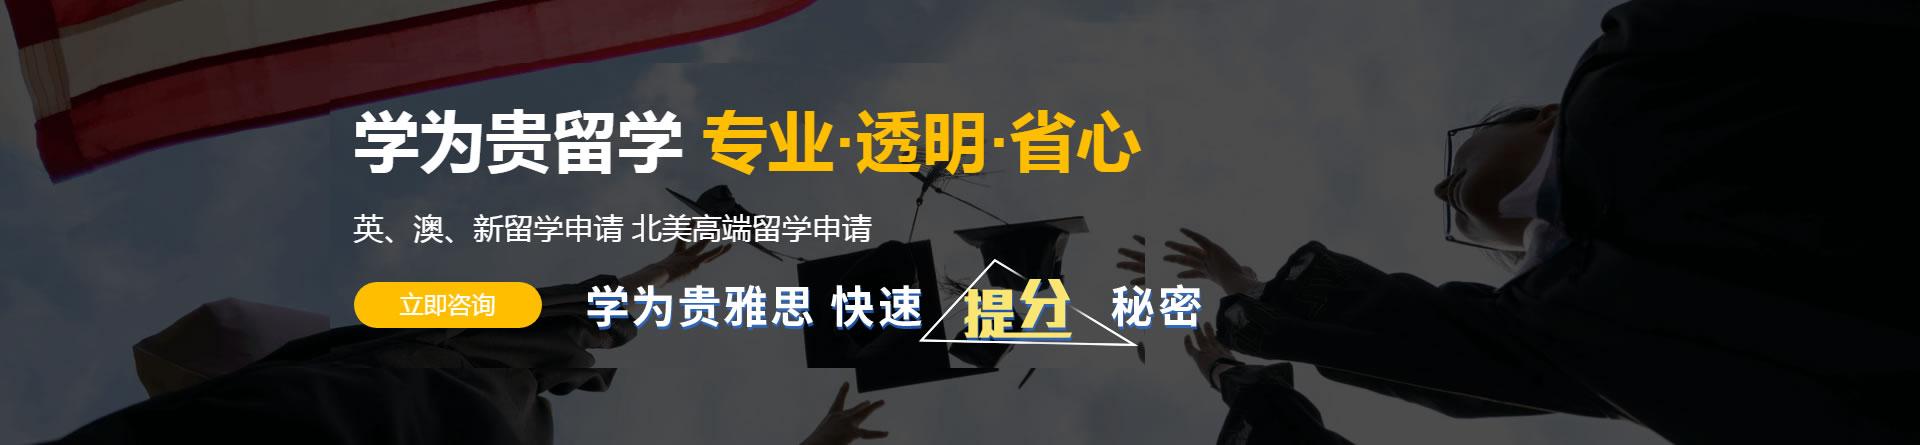 郑州学为贵教育